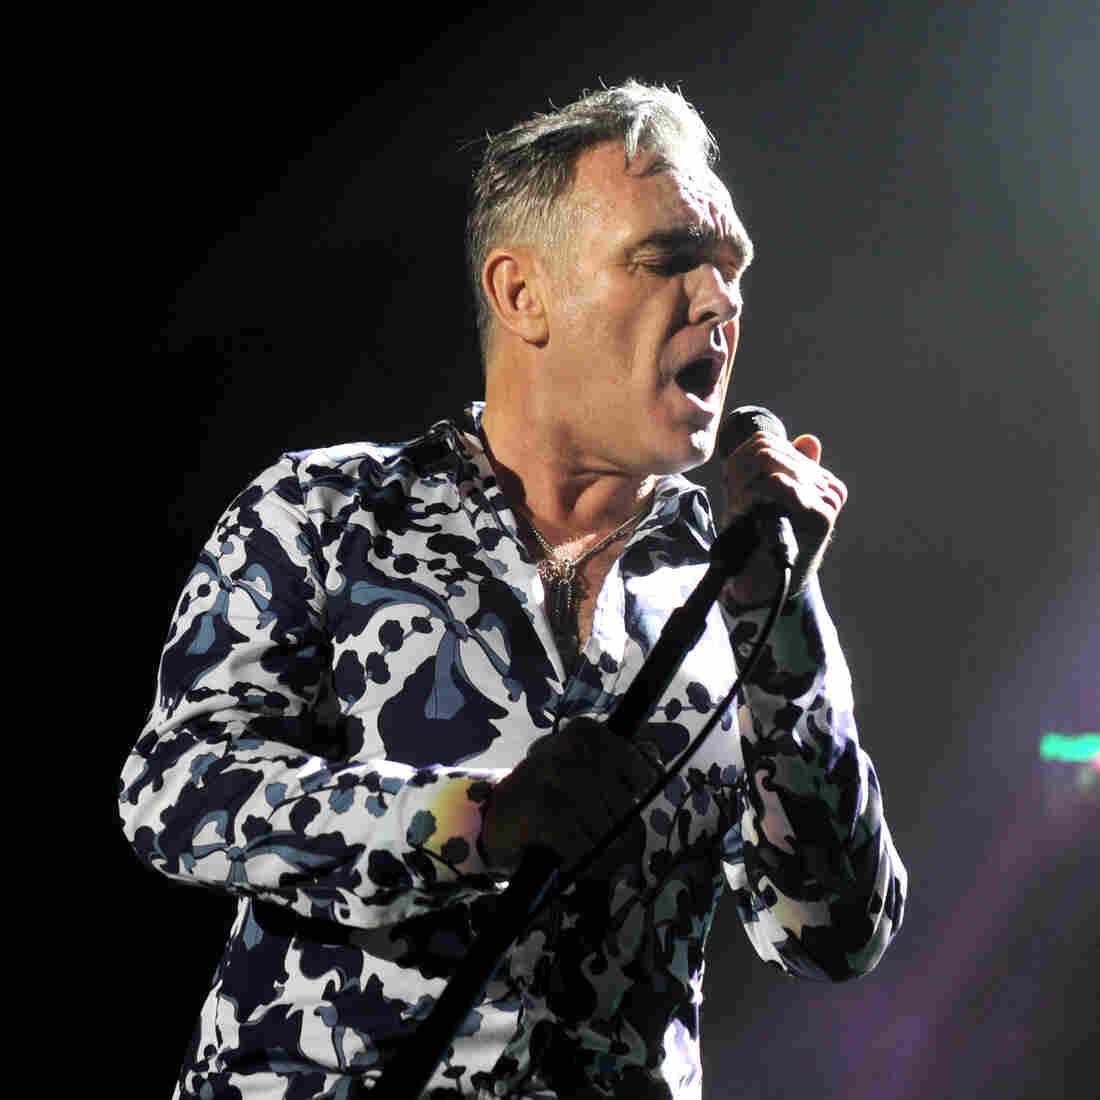 Happy Cinco De Morrissey!